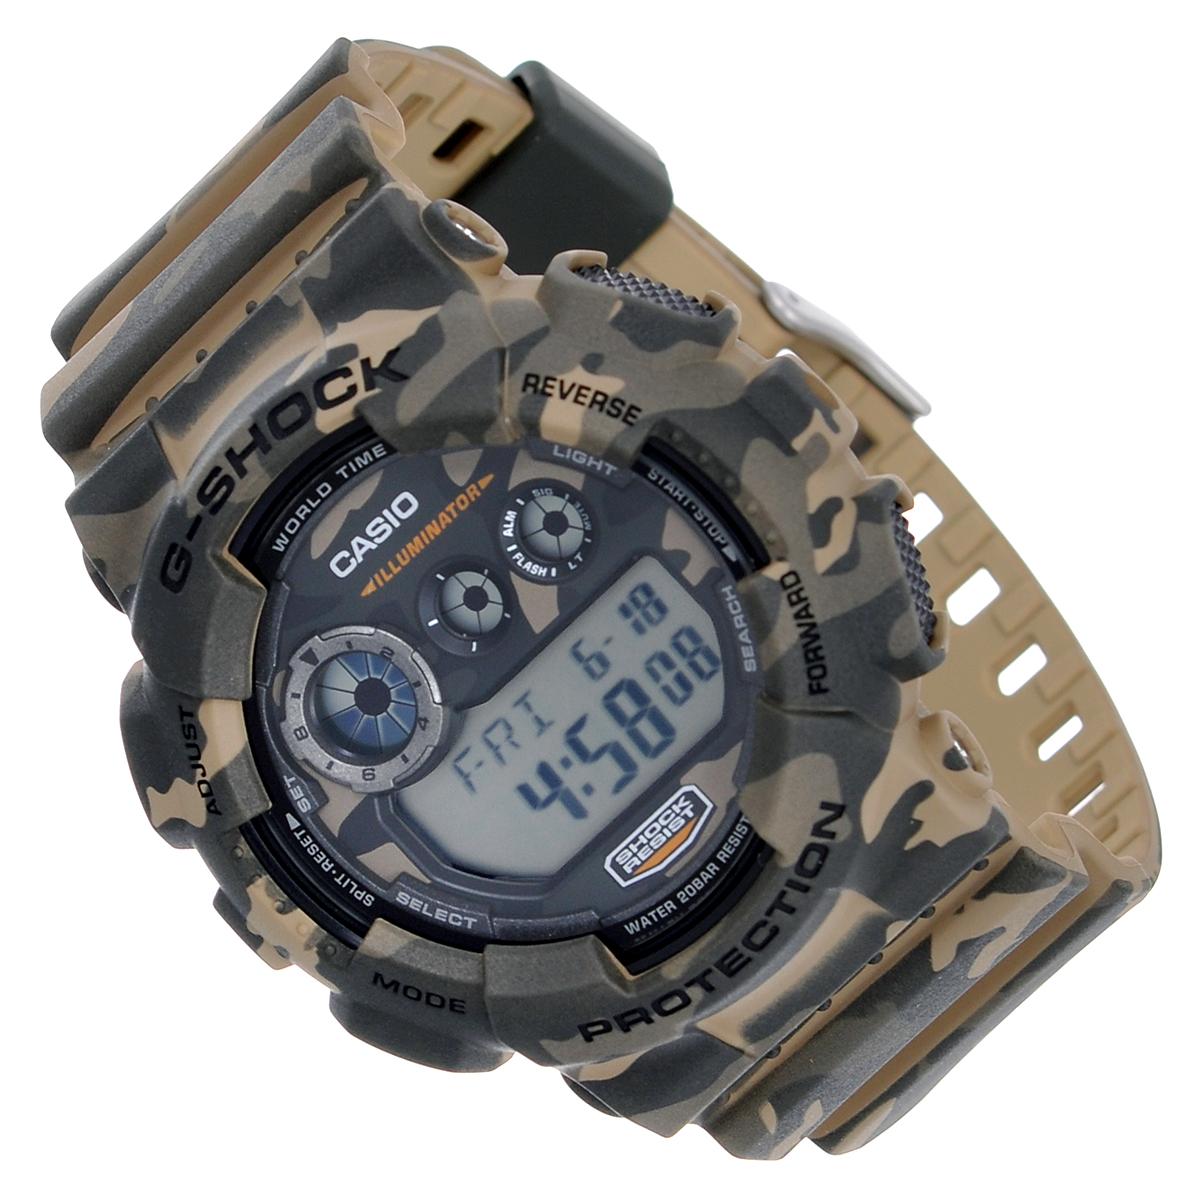 Часы мужские наручные Casio G-Shock, цвет: серый, камуфляж. GD-120CM-5EJTZ2145 Dark blueСтильные часы G-Shock от японского брэнда Casio - это яркий функциональный аксессуар для современных людей, которые стремятся выделиться из толпы и подчеркнуть свою индивидуальность. Часы выполнены в спортивном стиле. Корпус имеет ударопрочную конструкцию, защищающую механизм от ударов и вибрации. Циферблат подсвечивается светодиодной автоматической подсветкой. При движении руки дисплей освещается ярким светом. Ремешок из мягкого пластика имеет классическую застежку.Основные функции: -5 будильников, один из которых с функцией Snooze, ежечасный сигнал; -автоматический календарь (число, месяц, день недели, год); -сплит-хронограф; -секундомер с точностью показаний 1/100 с, время измерения 24 часа; -12-ти и 24-х часовой формат времени; -таймер обратного отсчета от 1 мин до 24 ч; -мировое время; -функция включения/отключения звука.Часы упакованы в фирменную коробку с логотипом Casio. Такой аксессуар добавит вашему образу стиля и подчеркнет безупречный вкус своего владельца.Характеристики: Диаметр циферблата: 3,7 см.Размер корпуса: 5,8 см х 5,4 см х 2 см.Длина ремешка (с корпусом): 25,5 см.Ширина ремешка: 2,2 см. STAINLESS STELL BACK MADE IN CHINA EL.